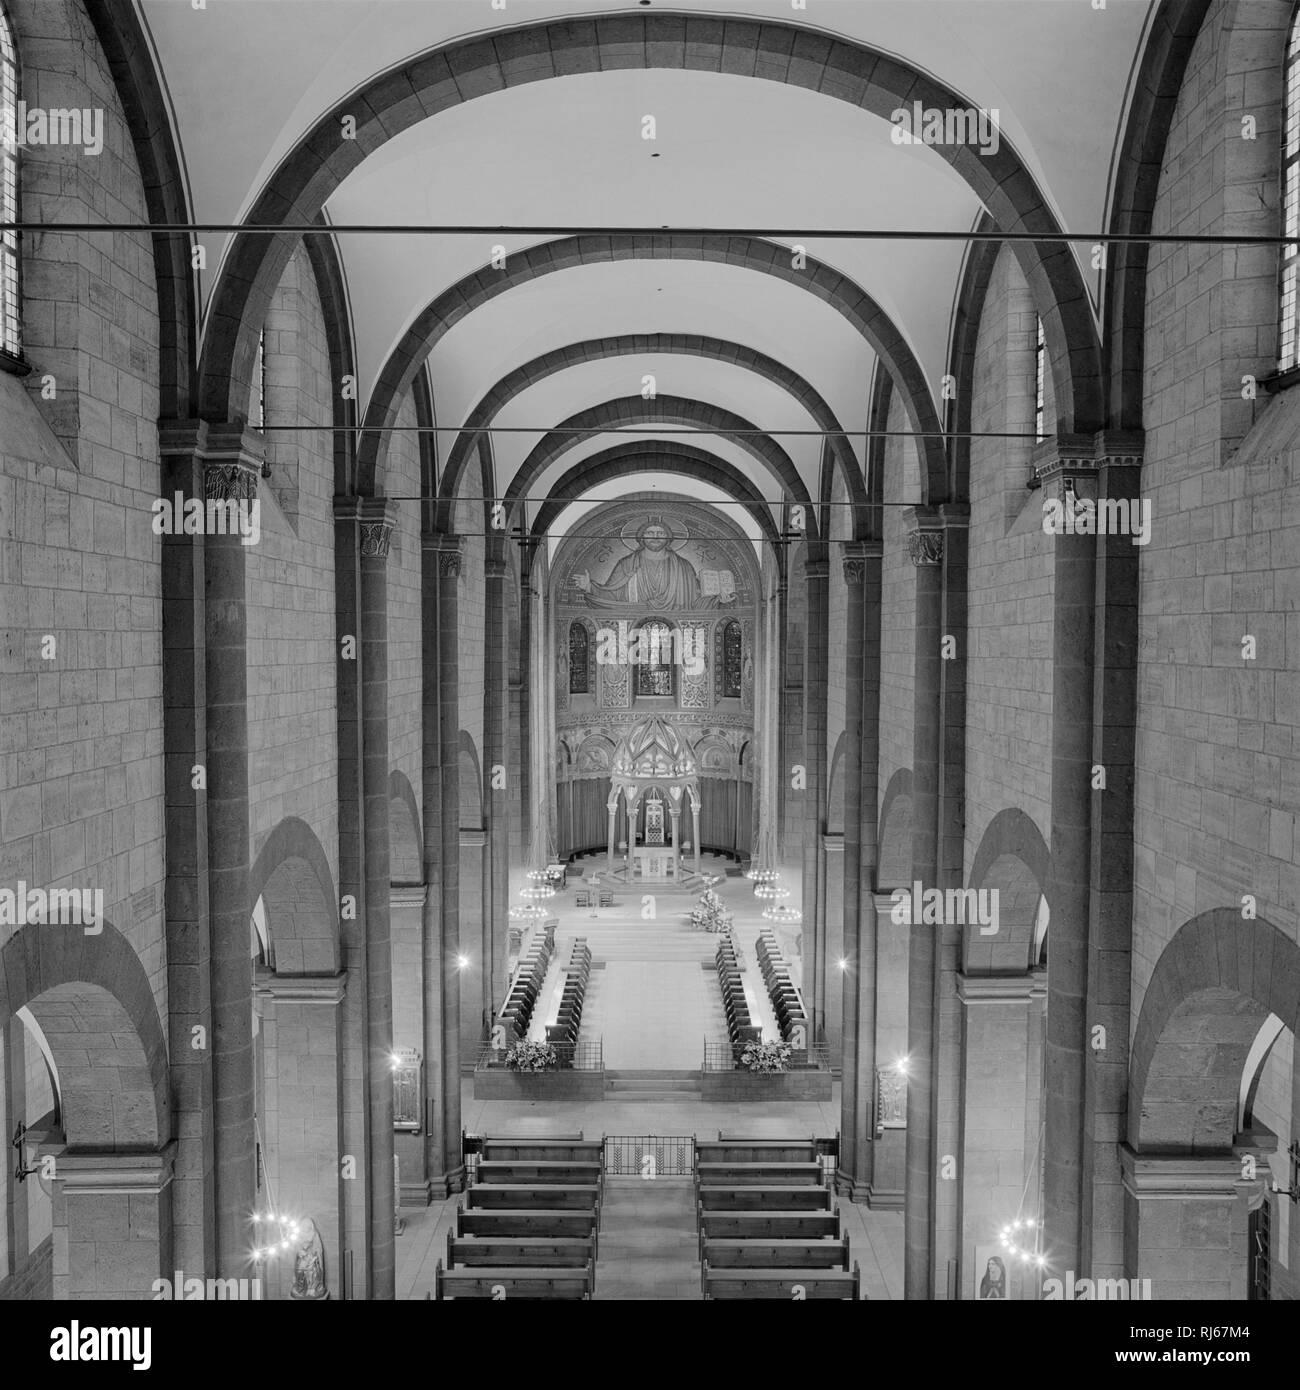 Europa, Deutschland, Rheinland-Pfalz, Kloster Maria Laach, Blick von der Orgelempore in Hauptschiff, Chor und Apsis und auf den Ziborienaltar, den auf - Stock Image